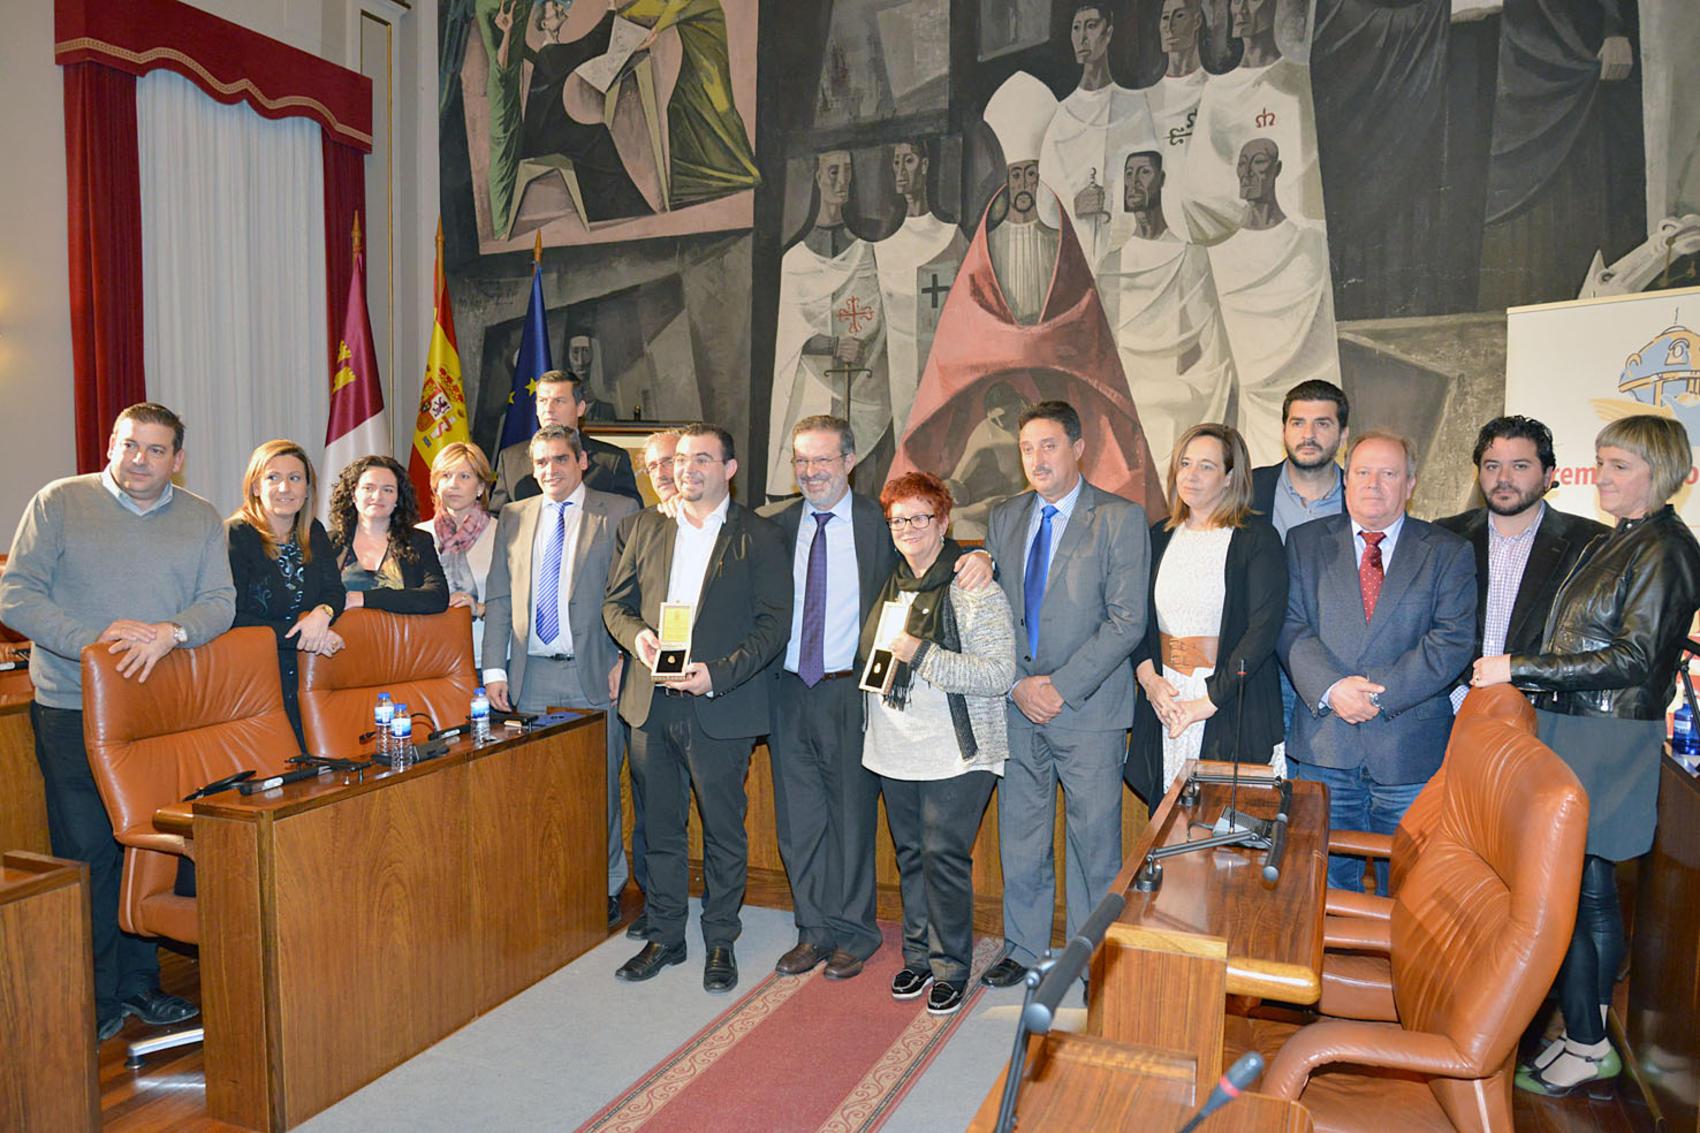 El Padre Toño y Cruz Roja destacan las políticas solidarias de la Diputación de Ciudad Real